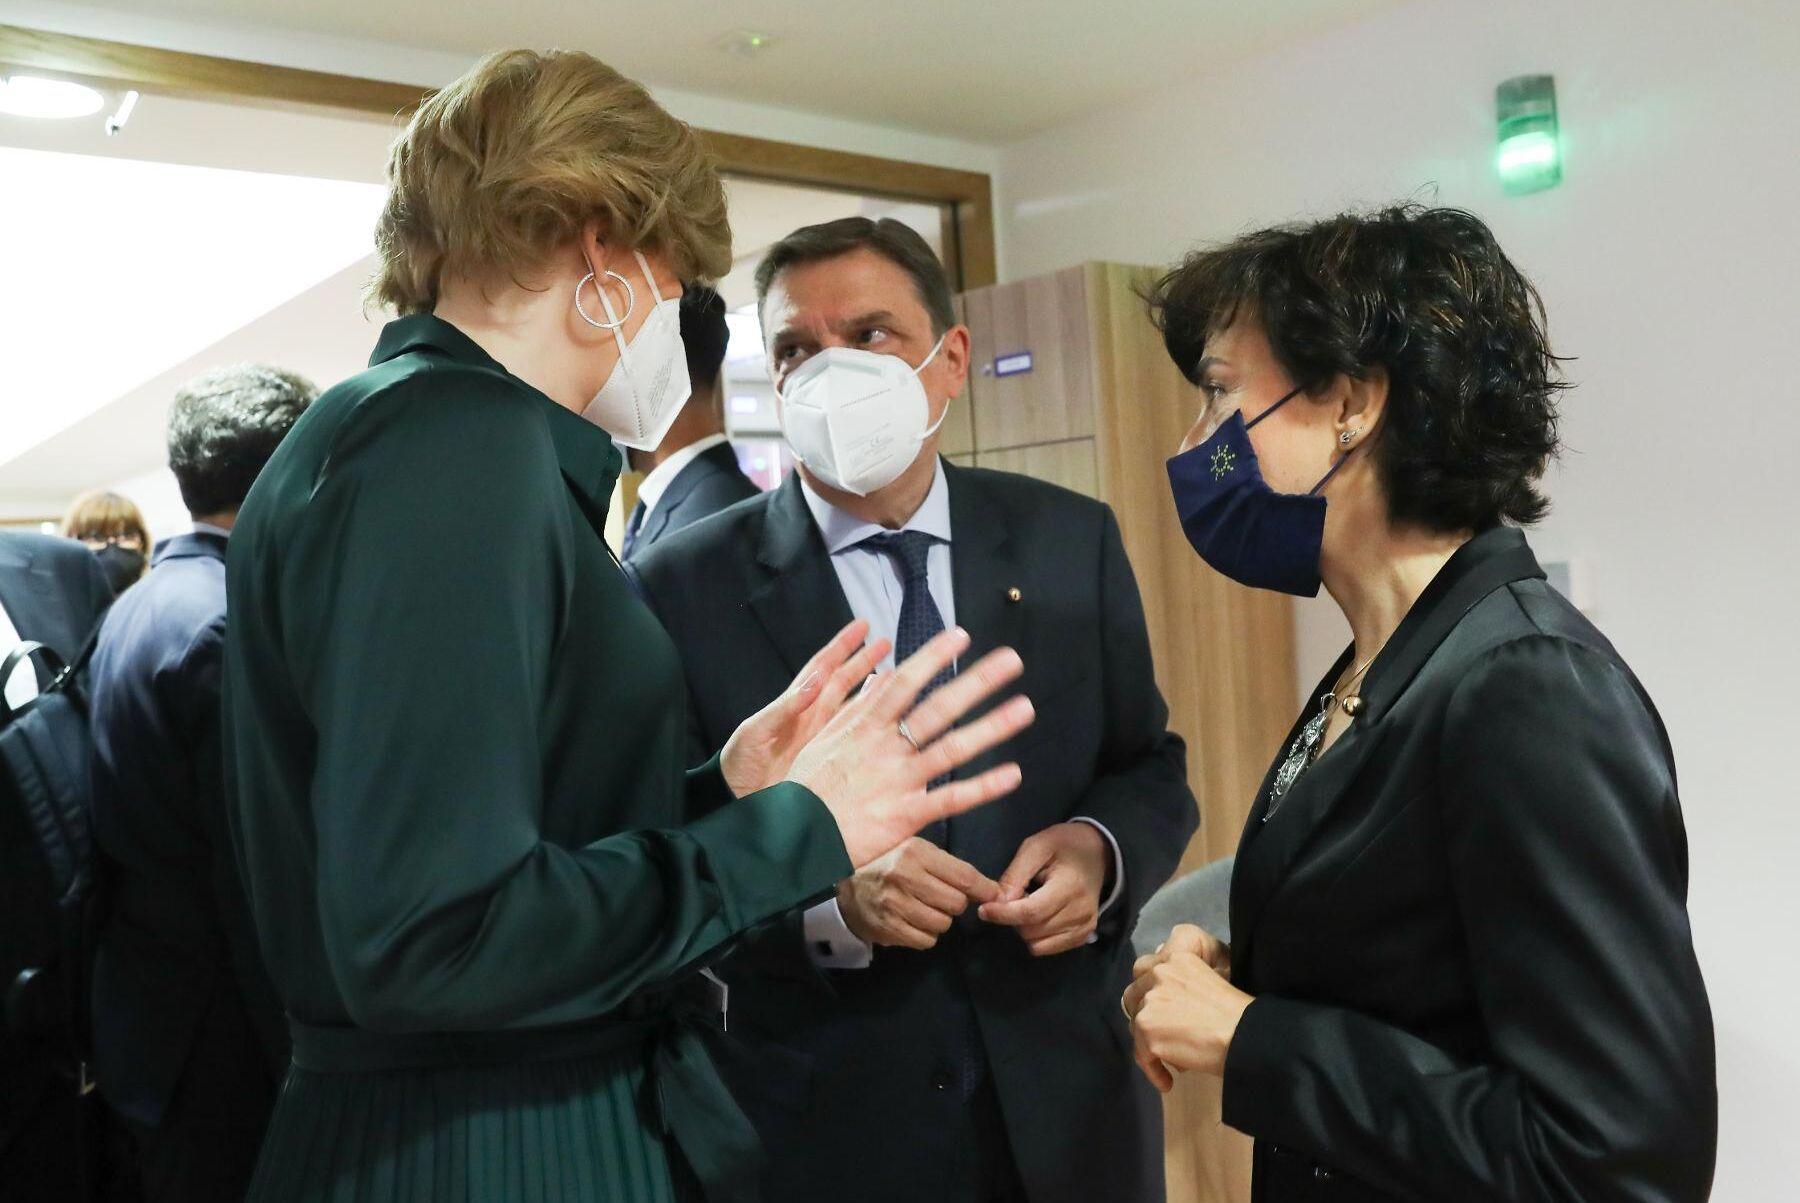 EU:s jordbruksministrar har mycket att prata om under maj månads rådsmöte. Här samtalar Tysklands jordbruksminister Julia Klöckner, hennes spanska kollega Luis Planas Puchedes och Portugals jordbruksminister Maria do Ceu Antunes.